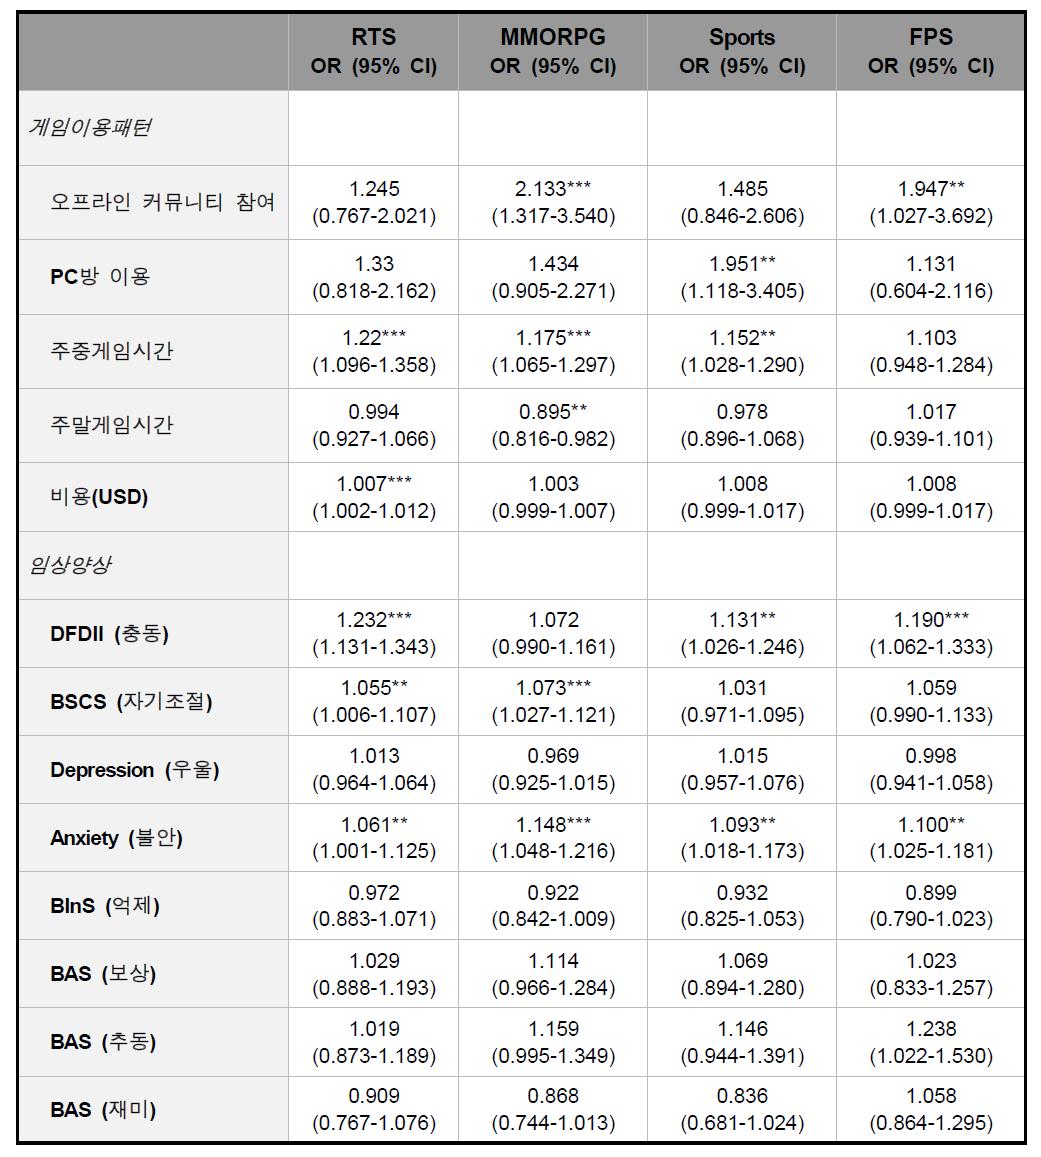 게임 장르별 인터넷 게임 과의존 발생 예측요인 분석